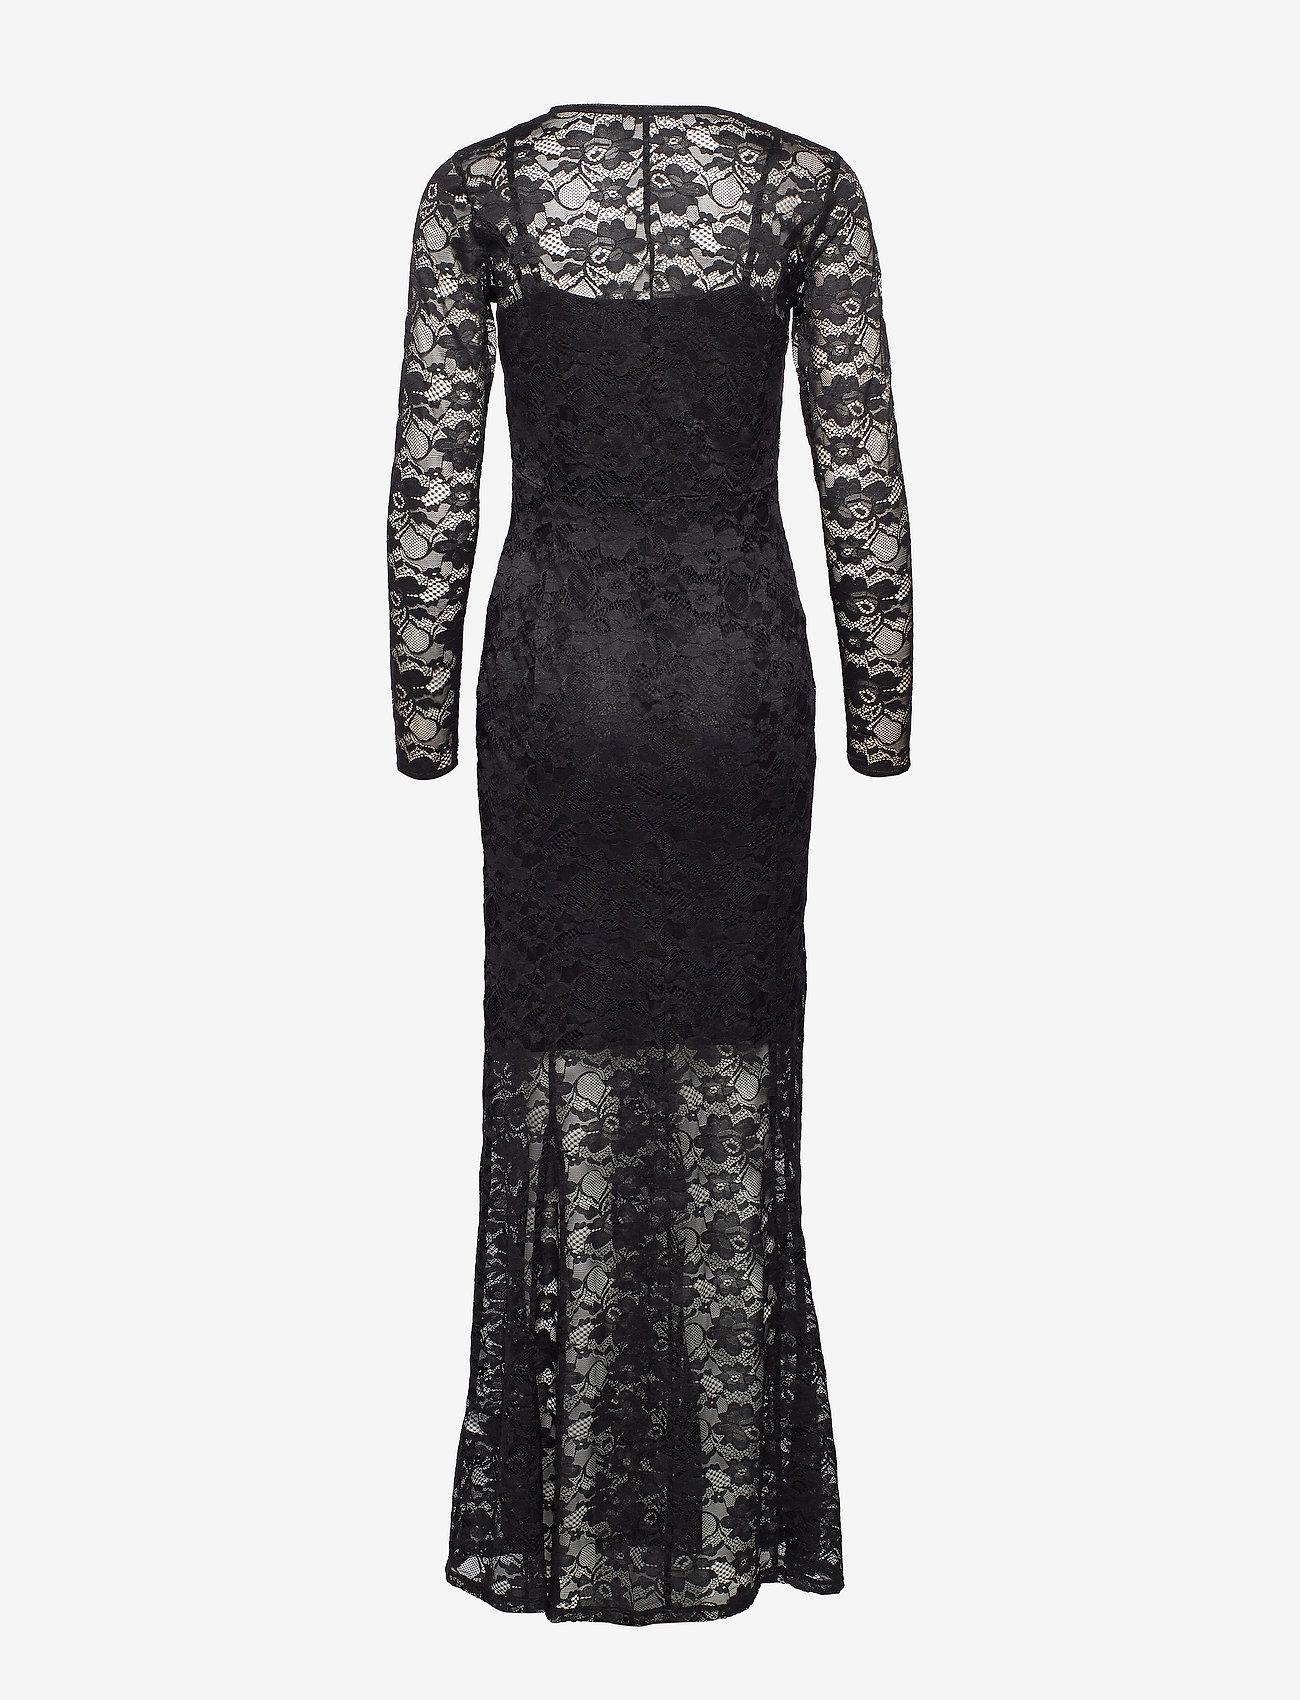 Dress Ls (Black) (95.40 €) - Rosemunde LkOPx